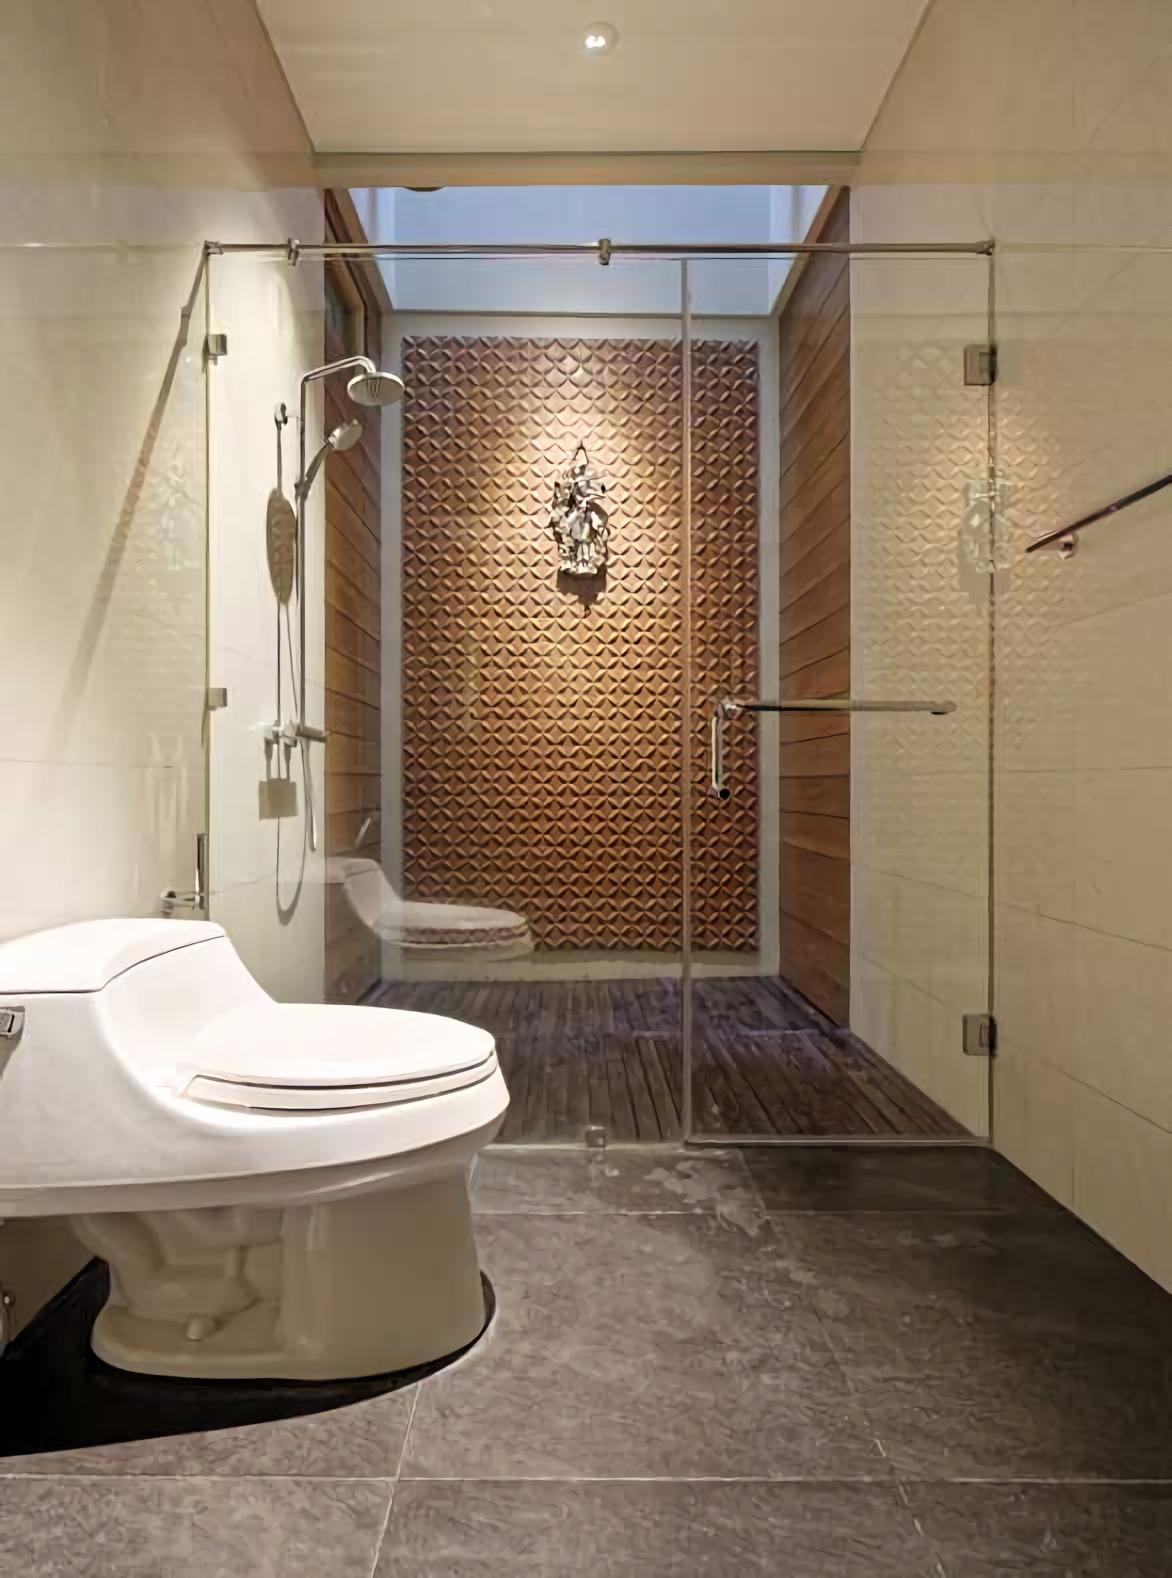 Kamar mandi dengan berbagai fixture modern tampil mempesona dengan dinding bermotif kawung sebagai focal point yang catchy. Kamar mandi shower didesain dengan atap terbuka, seolah-olah beratapkan langit, seperti masyarakat zaman dahulu mandi di bawah pancuran. Sebuah konsep yang masih bisa diterapkan di hunian modern, unik, dan tetap keren.